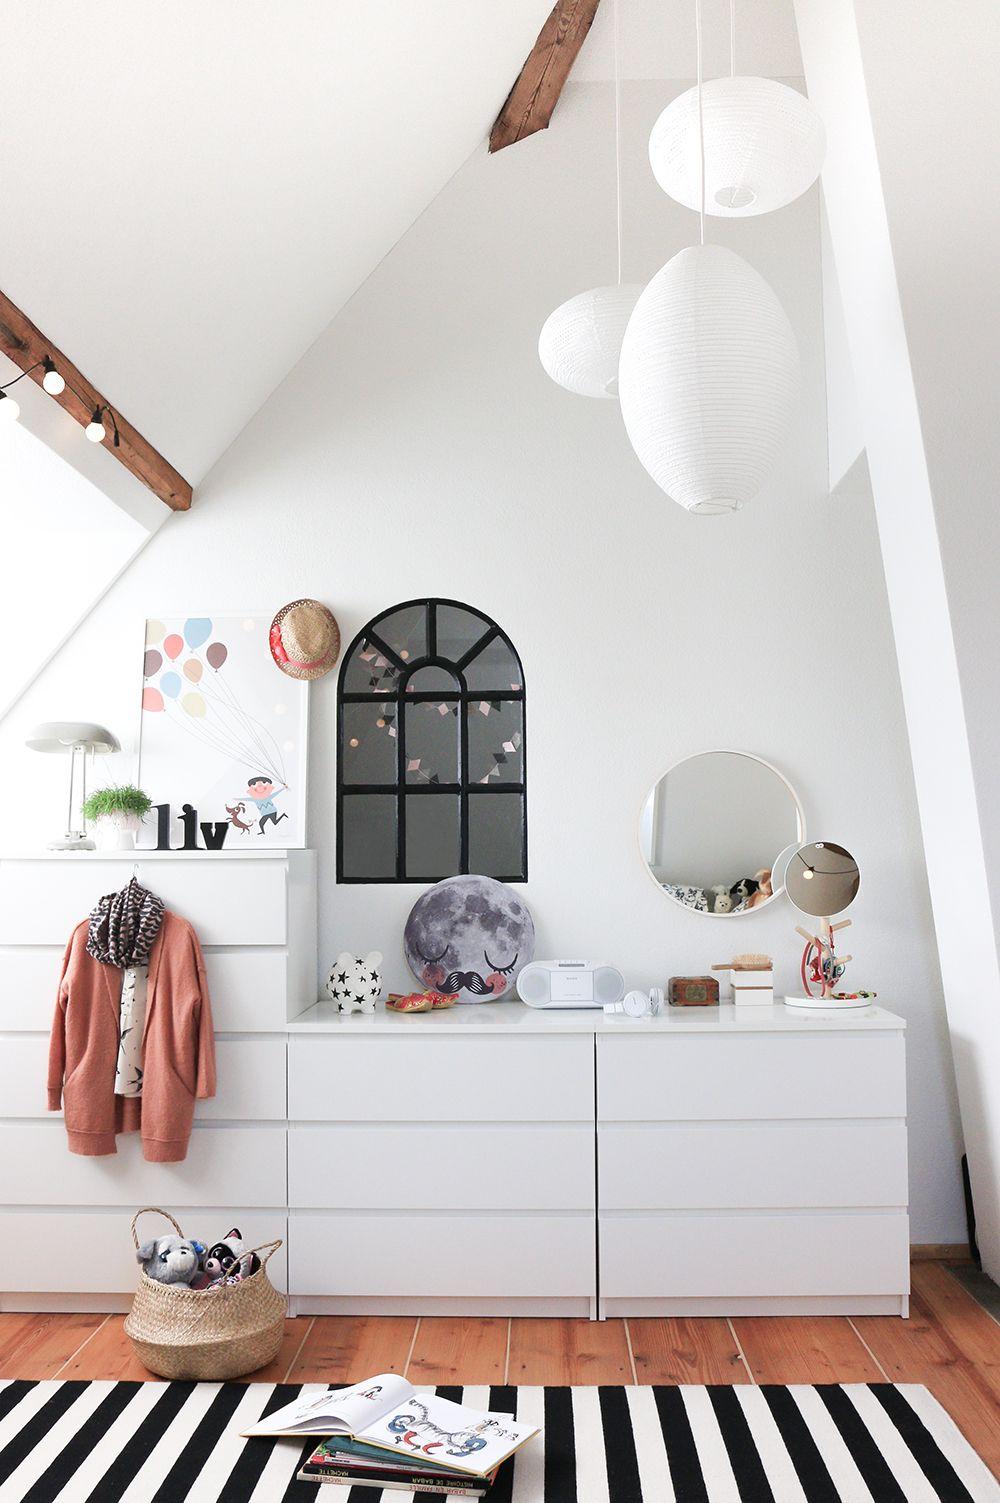 lilaliv interior design blog decoration interieurs. Black Bedroom Furniture Sets. Home Design Ideas